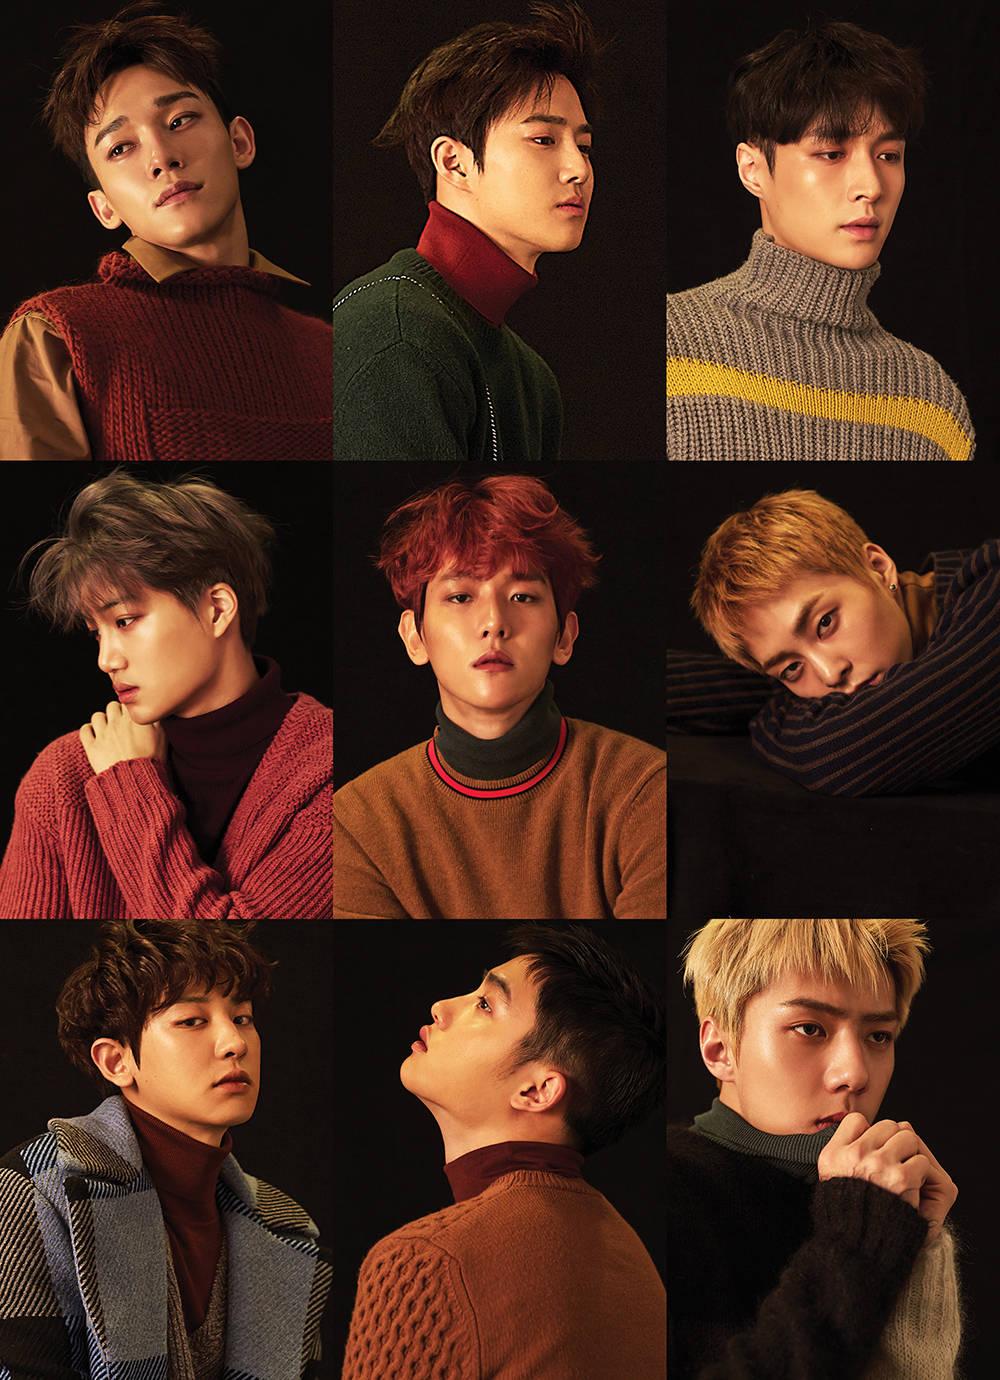 韩国天团 EXO 的最强视觉企划之道 Vol.2 – 专辑包装篇